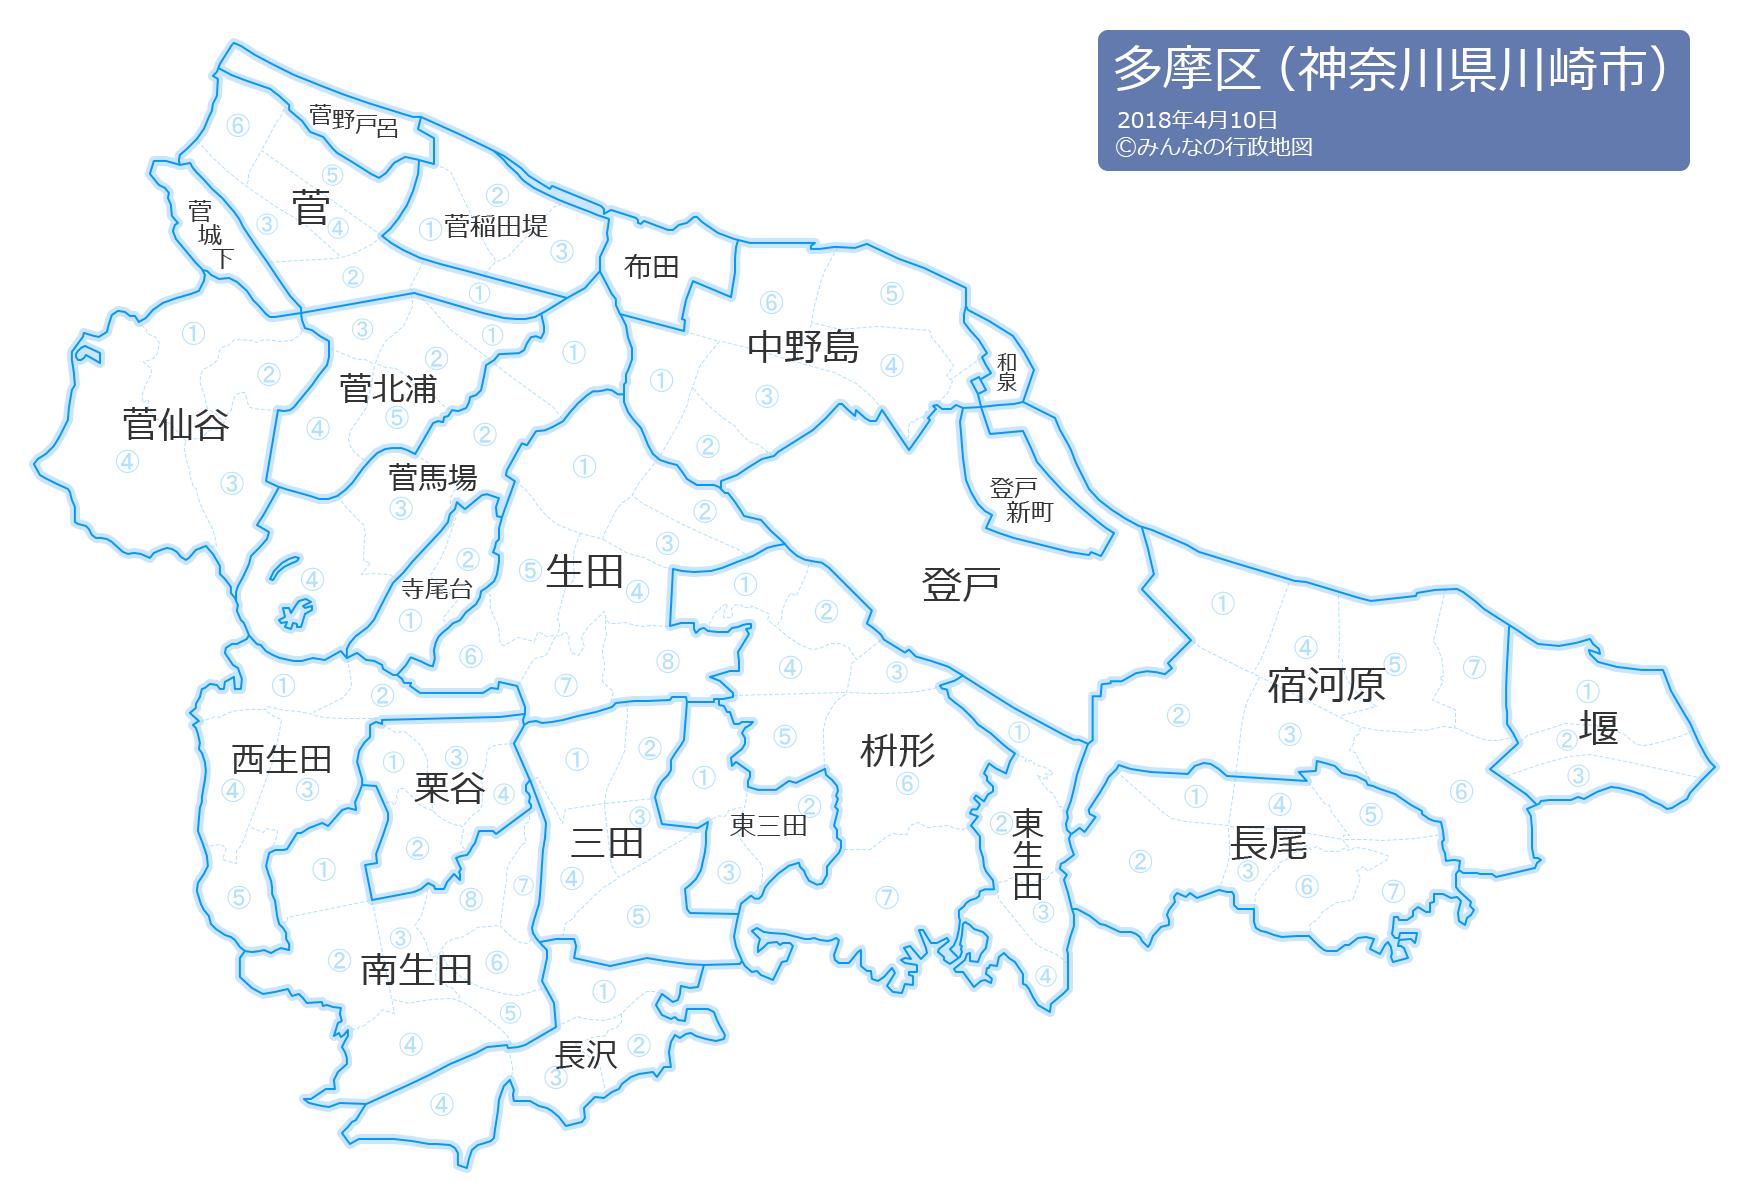 川崎市多摩区(神奈川県) - みんなの行政地図